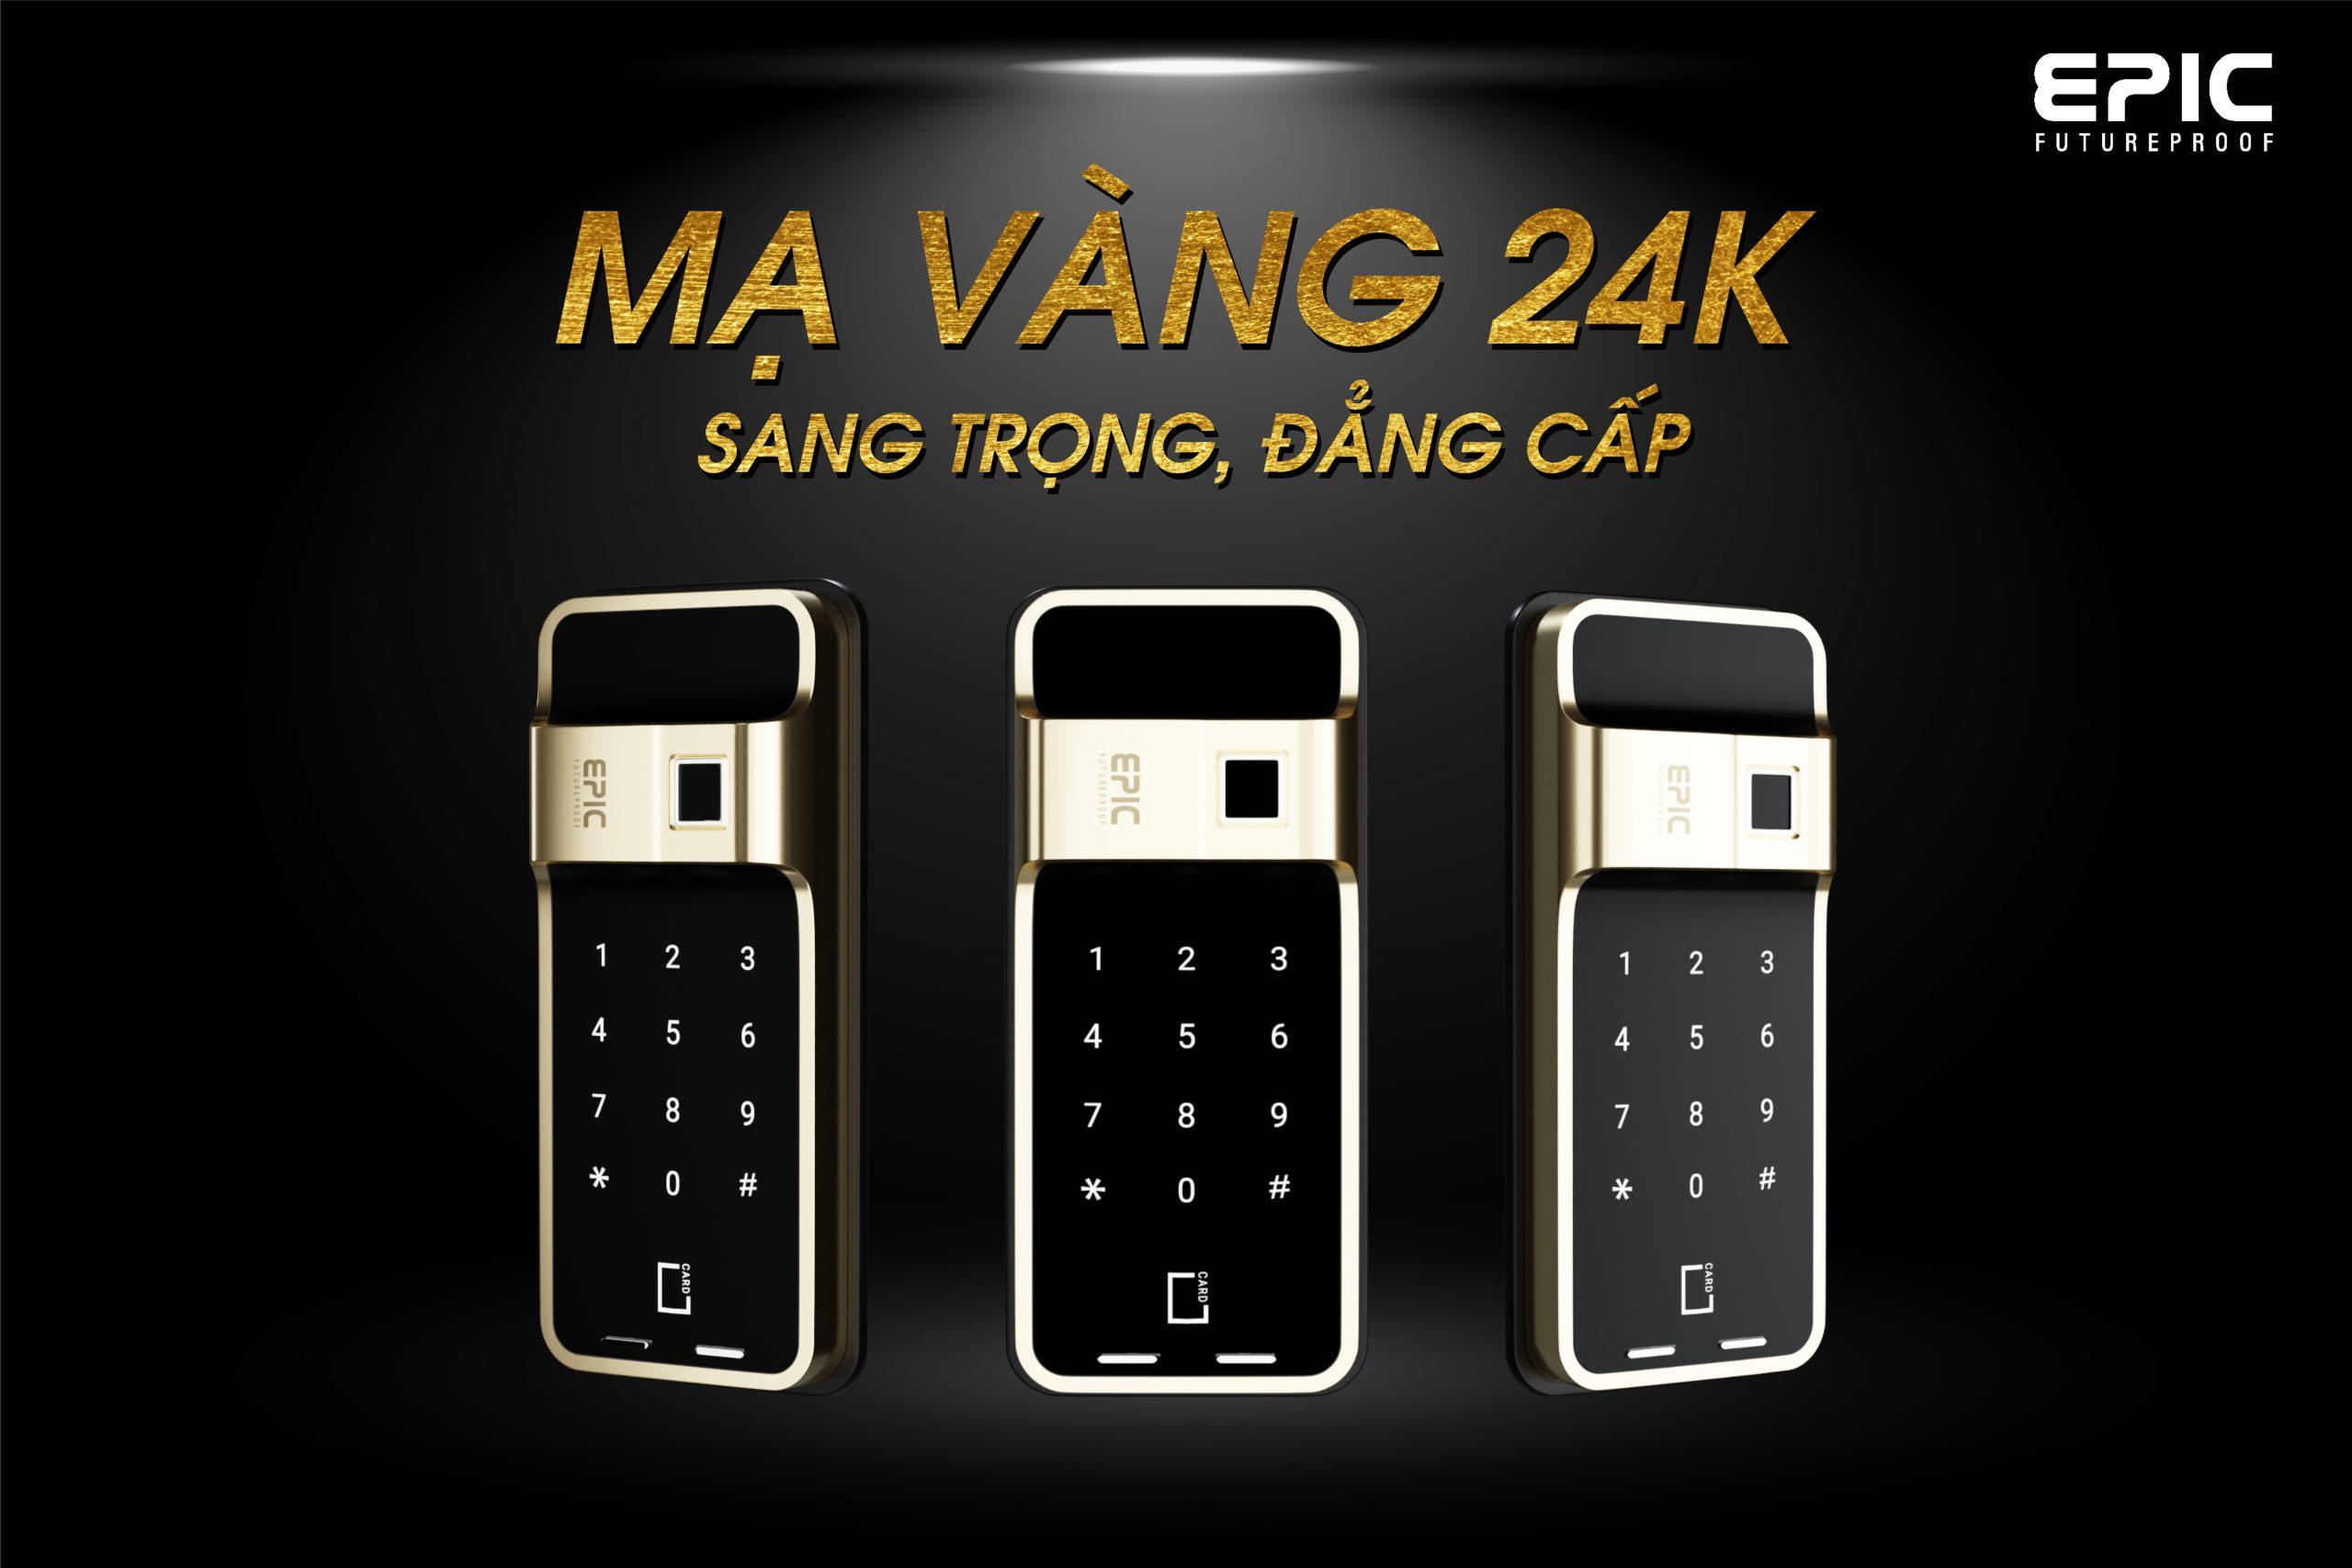 khoa-cua-van-tay-epic-es-f500d-ma-vang-24k-1